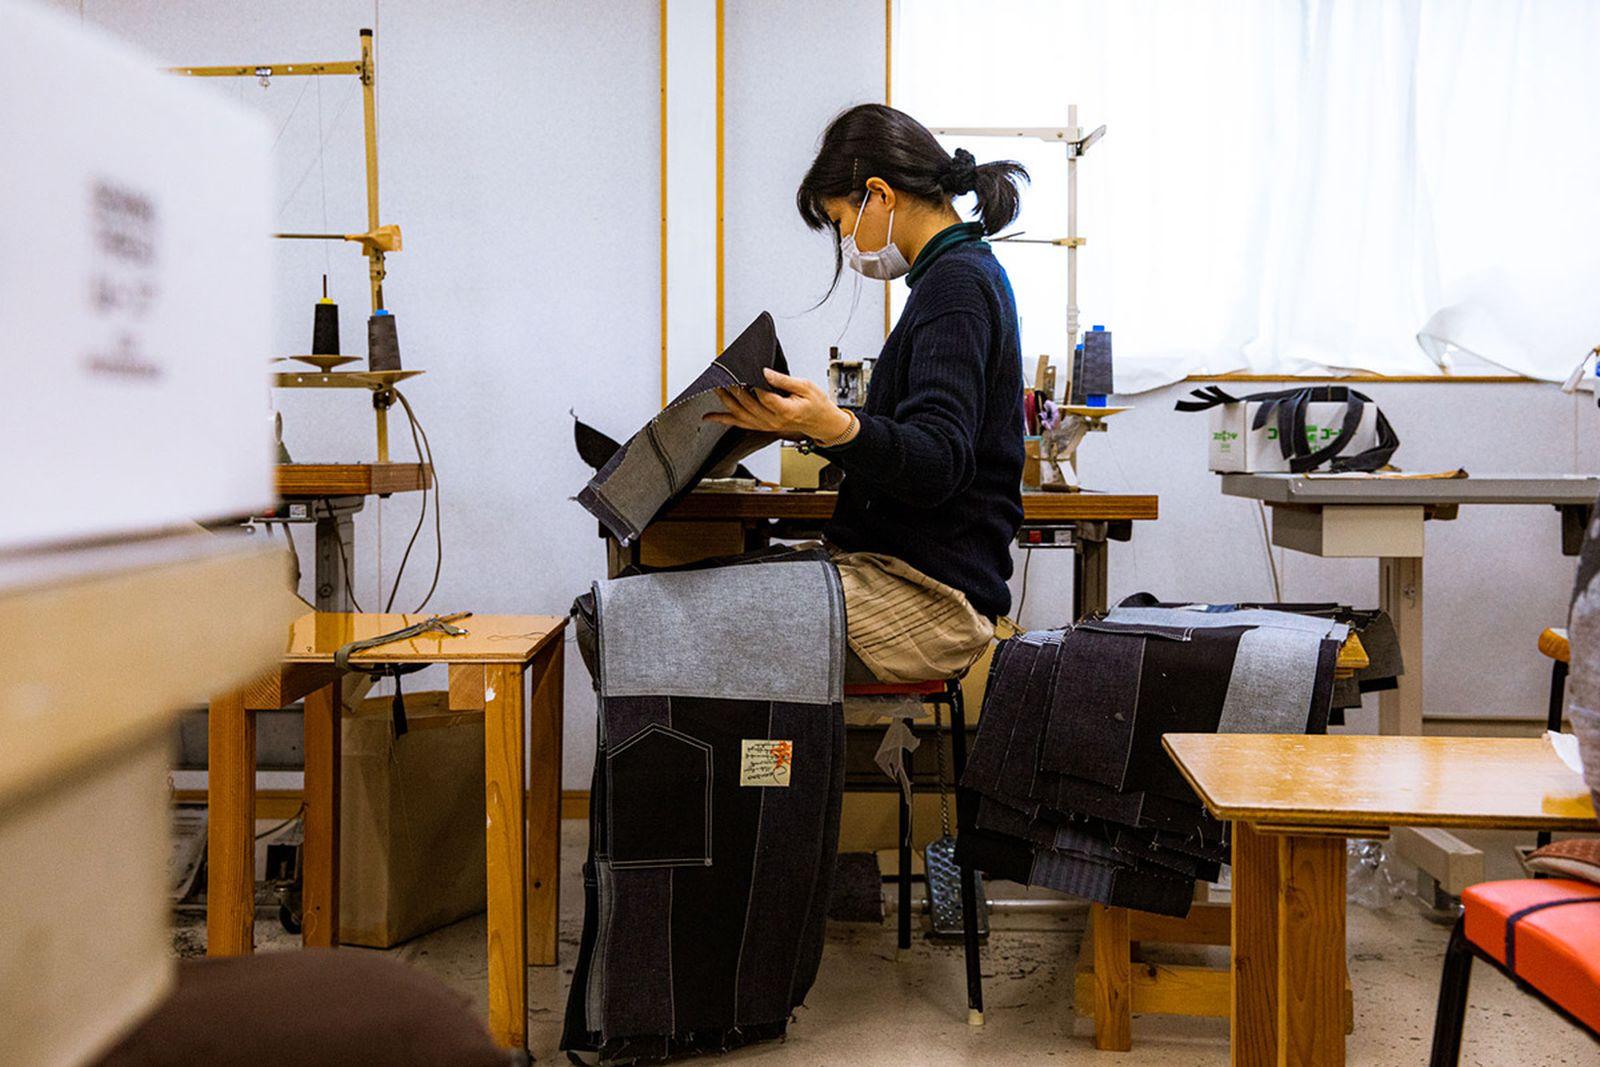 meet-pallet-life-story-japans-famed-denim-hub-07